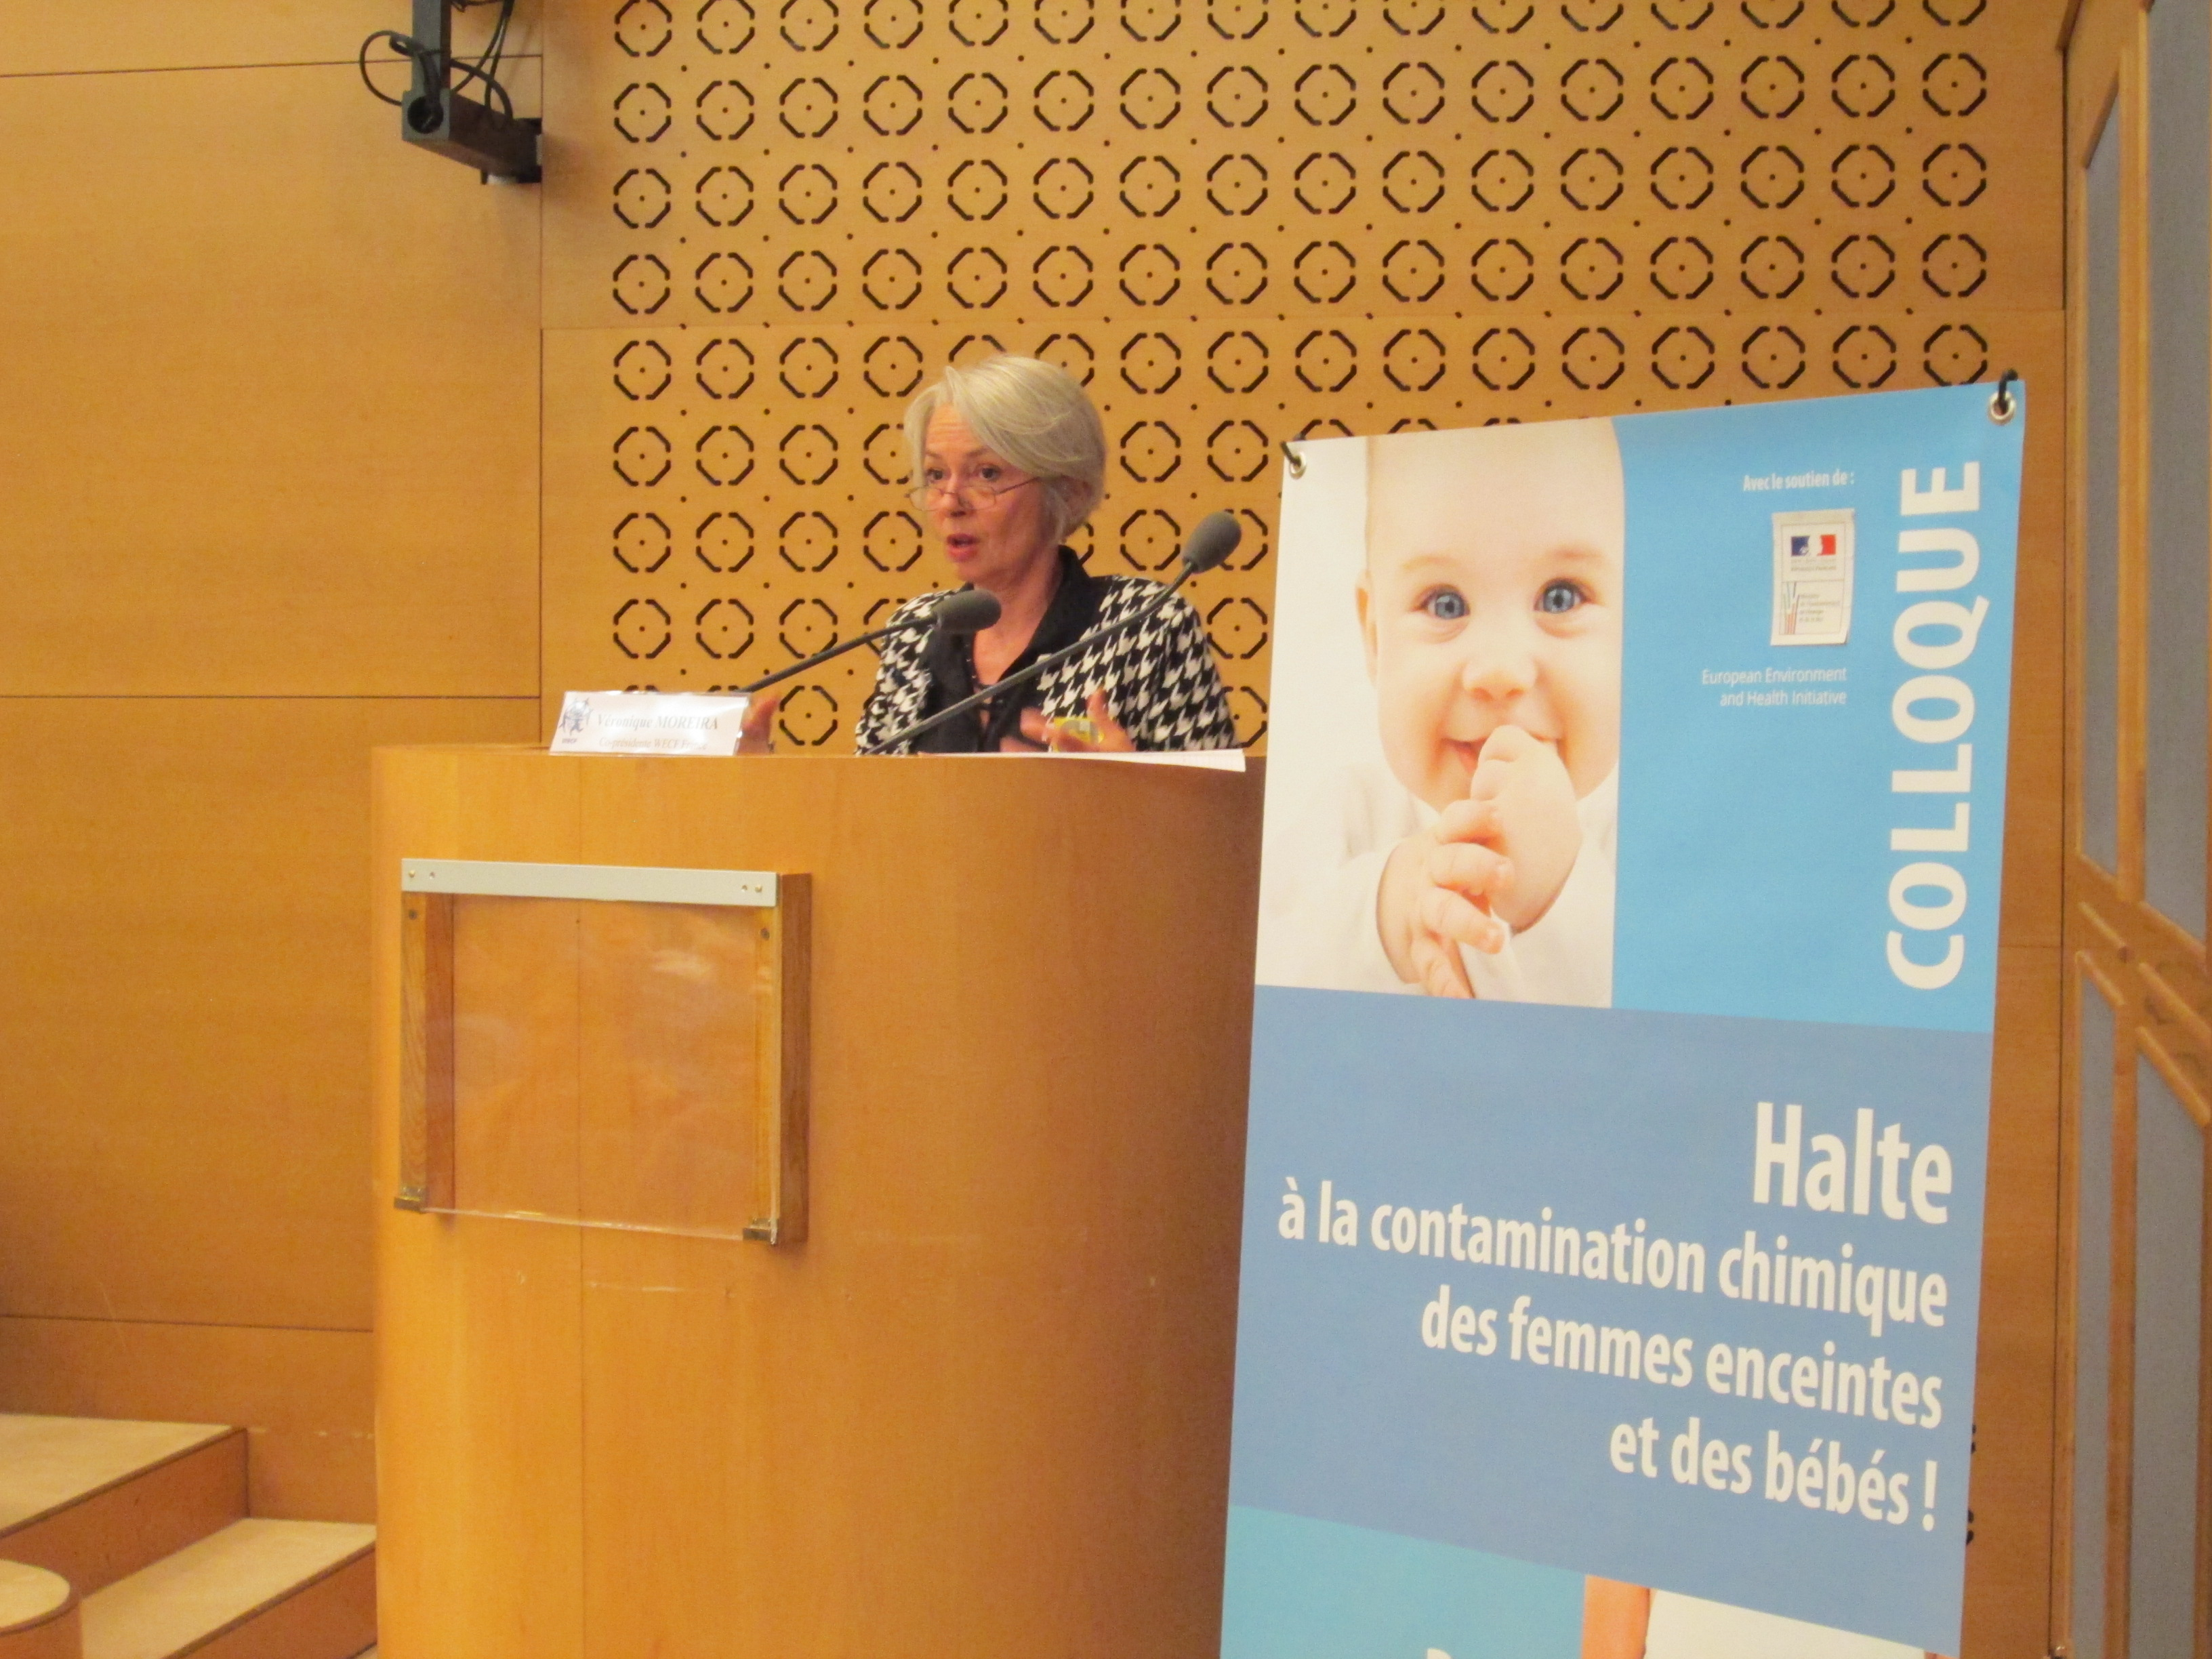 """9 juin 2016 – Colloque international organisé par WECF France : """"Halte à la contamination chimique des femmes enceintes et des bébés !"""""""